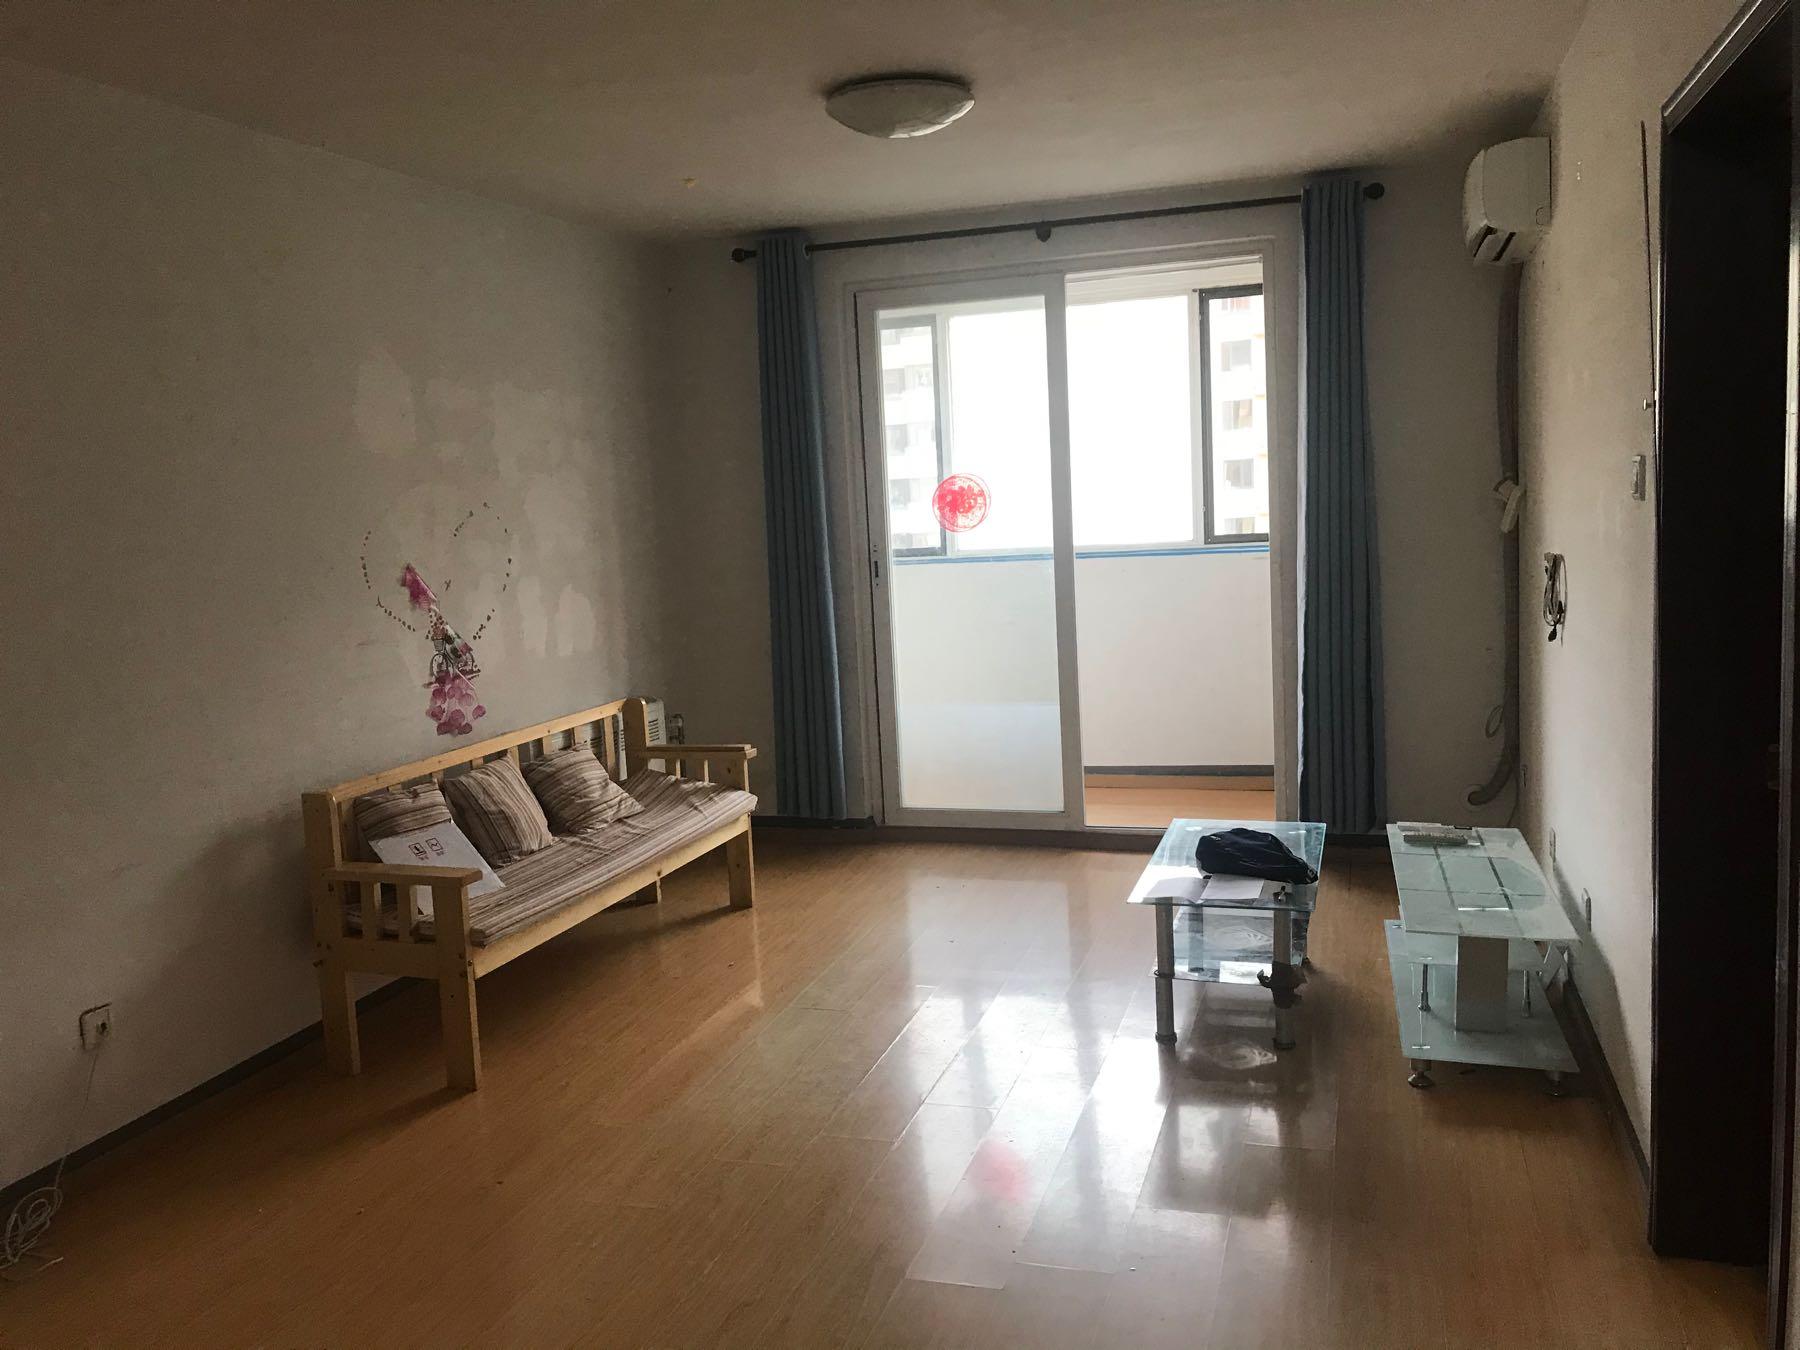 二室一厅一卫户型图